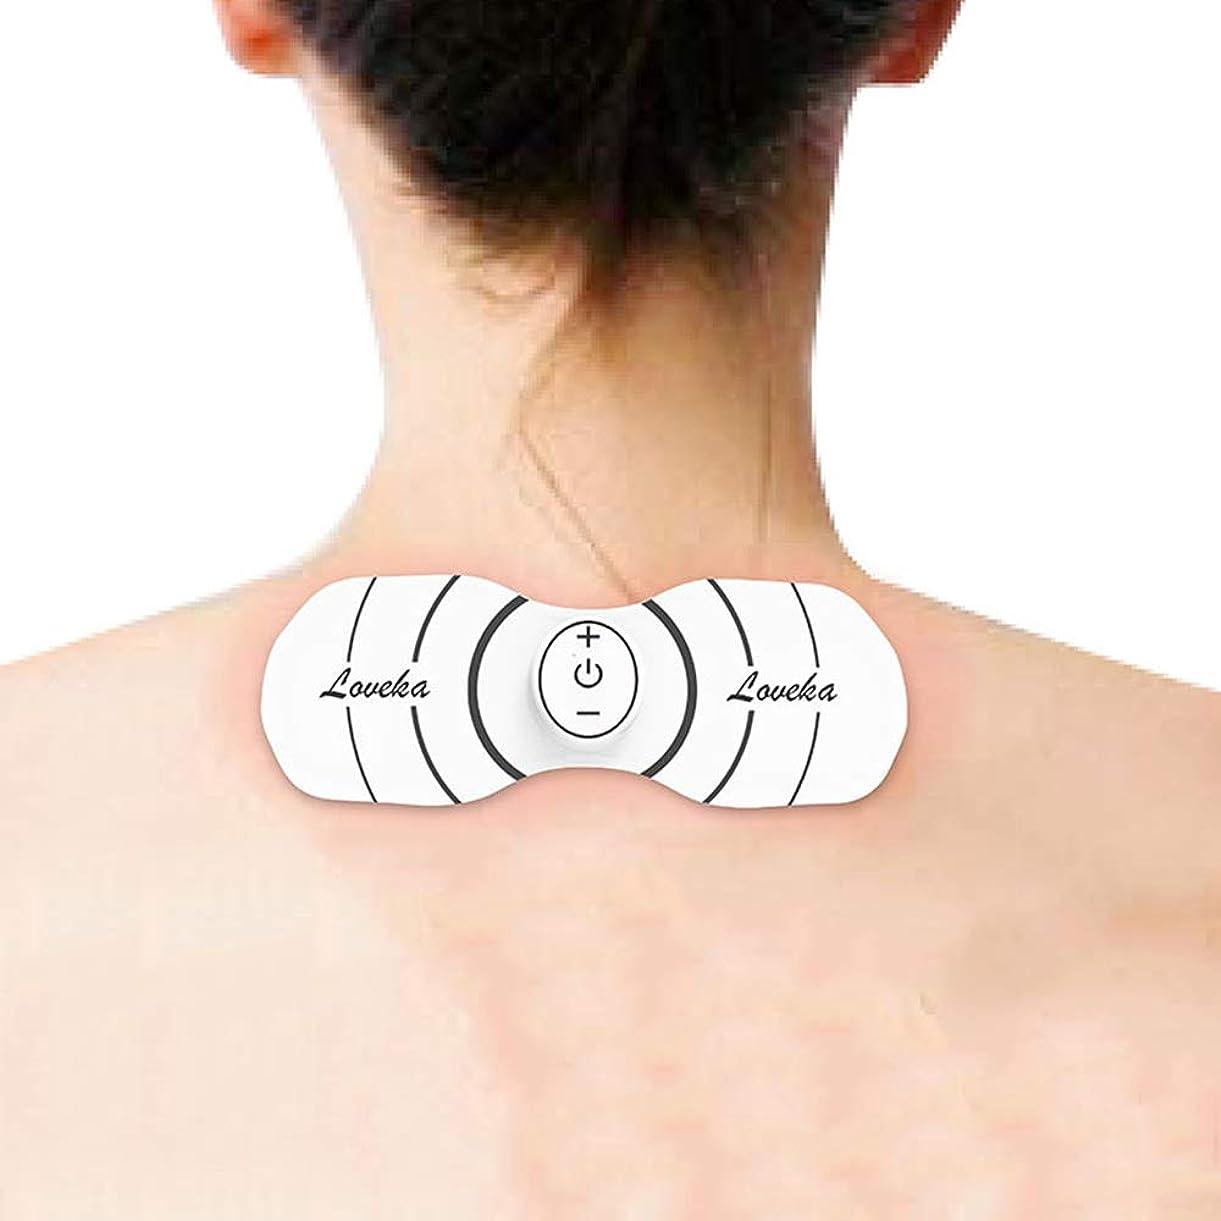 証書さておきシャッターミニ頸部マッサージusb電気筋肉浚渫EMSパルスショルダーマッサージ体重減少整形スポーツフィットネス機器ギフトユニセックス